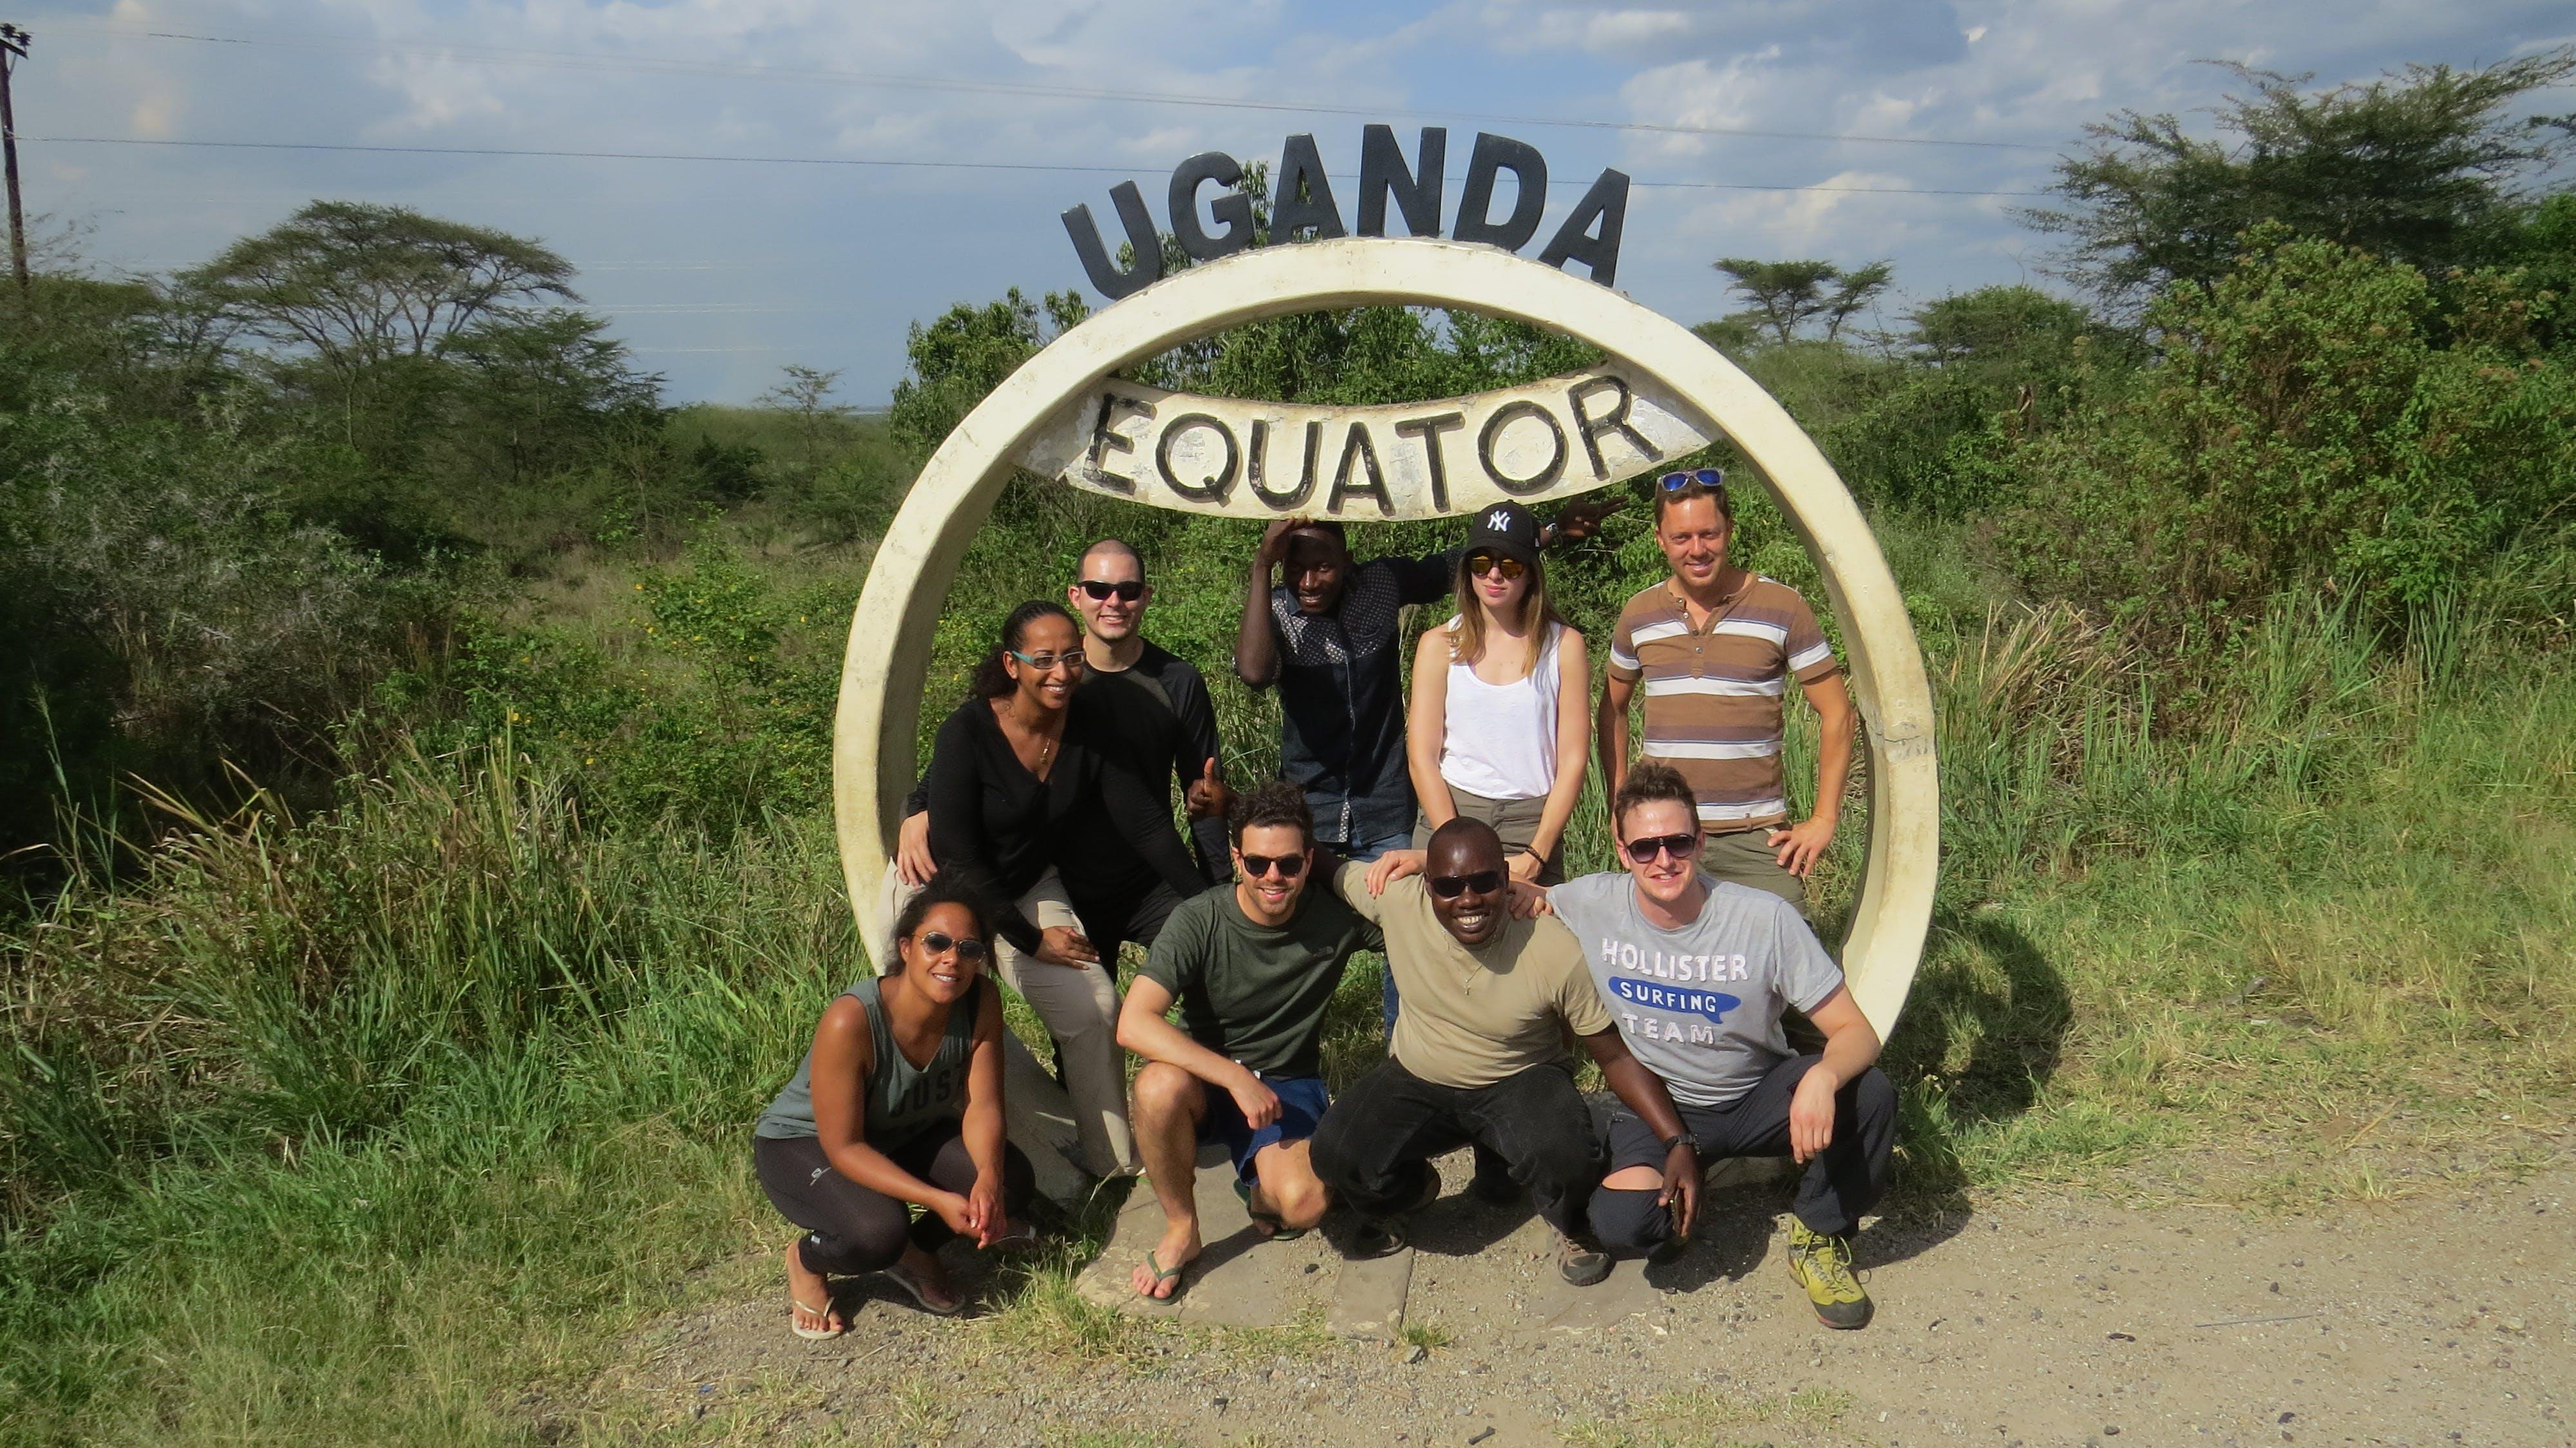 Δωρεάν στοκ φωτογραφιών με Αφρική, ισημερινός, νέα ομάδα, ουγκάντα